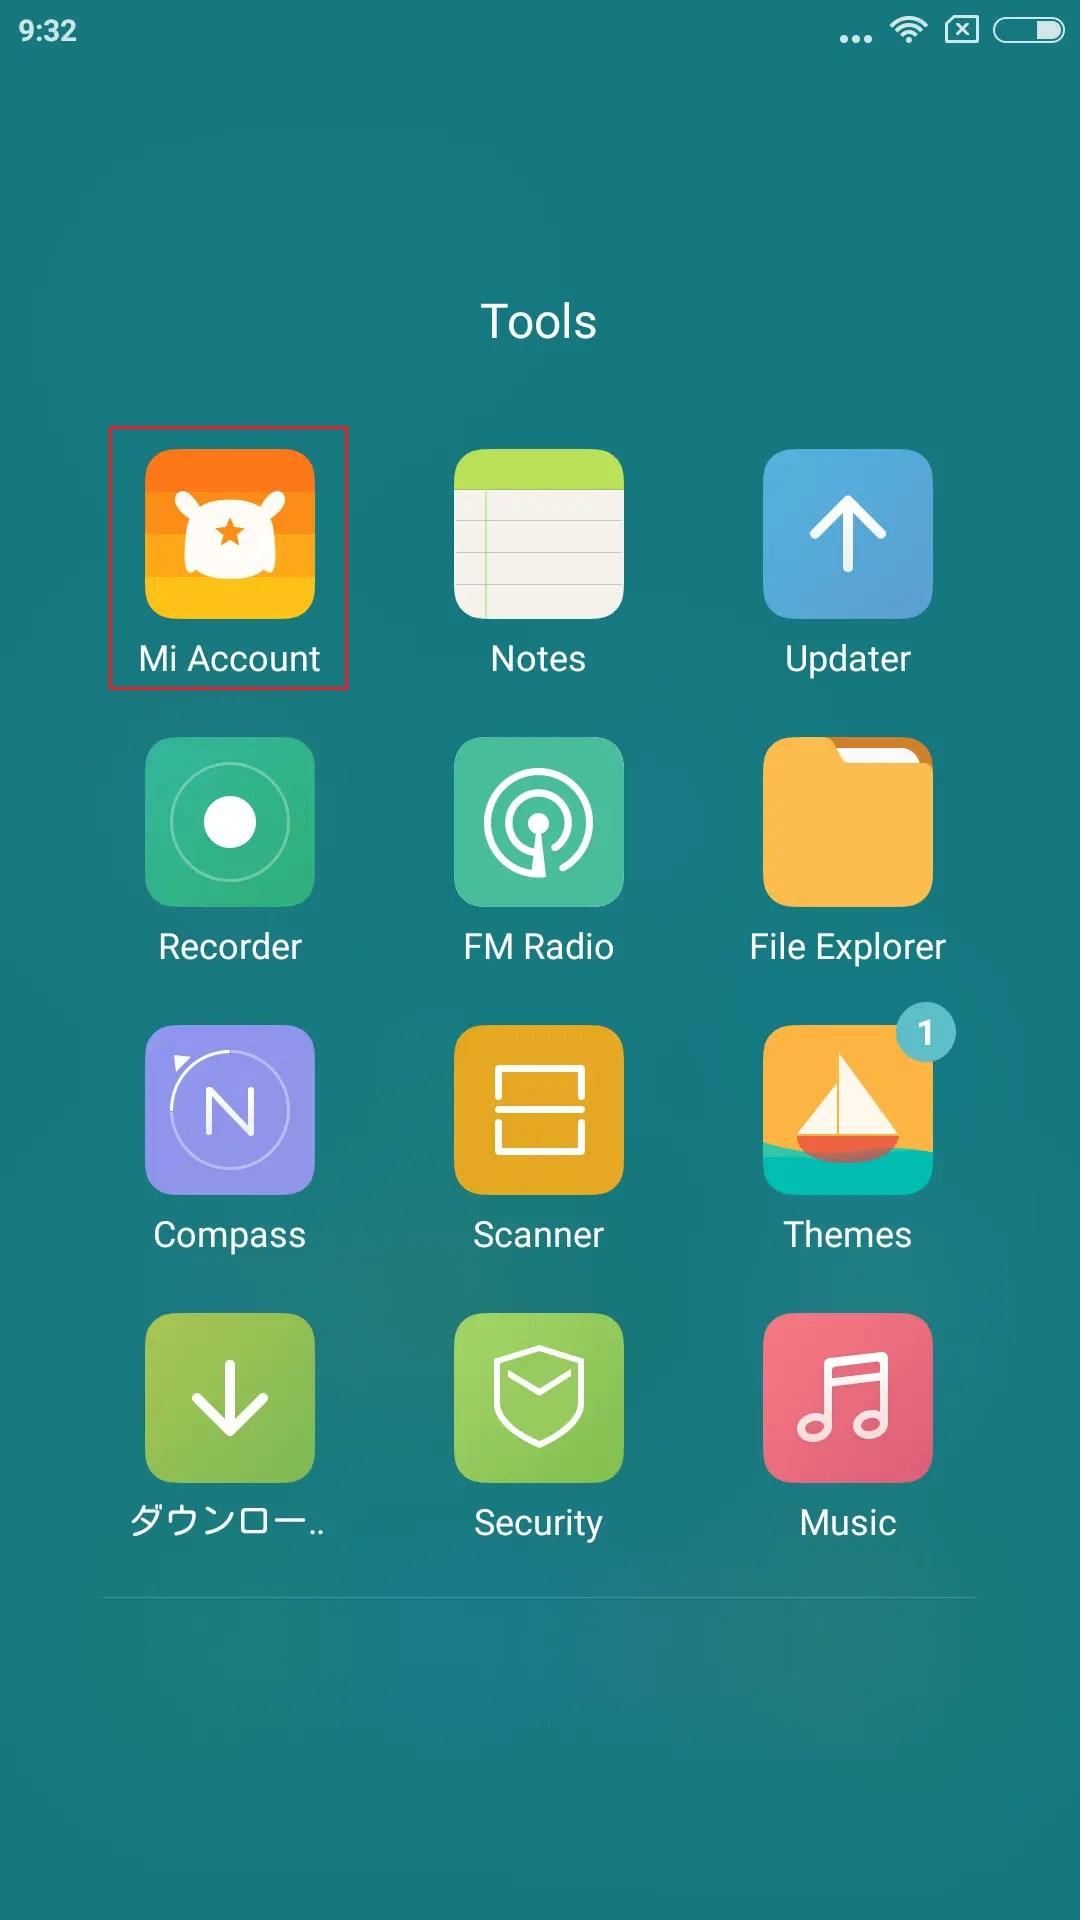 ToolsフォルダにMi Accountアプリがある(Settingsからもアクセス可能)